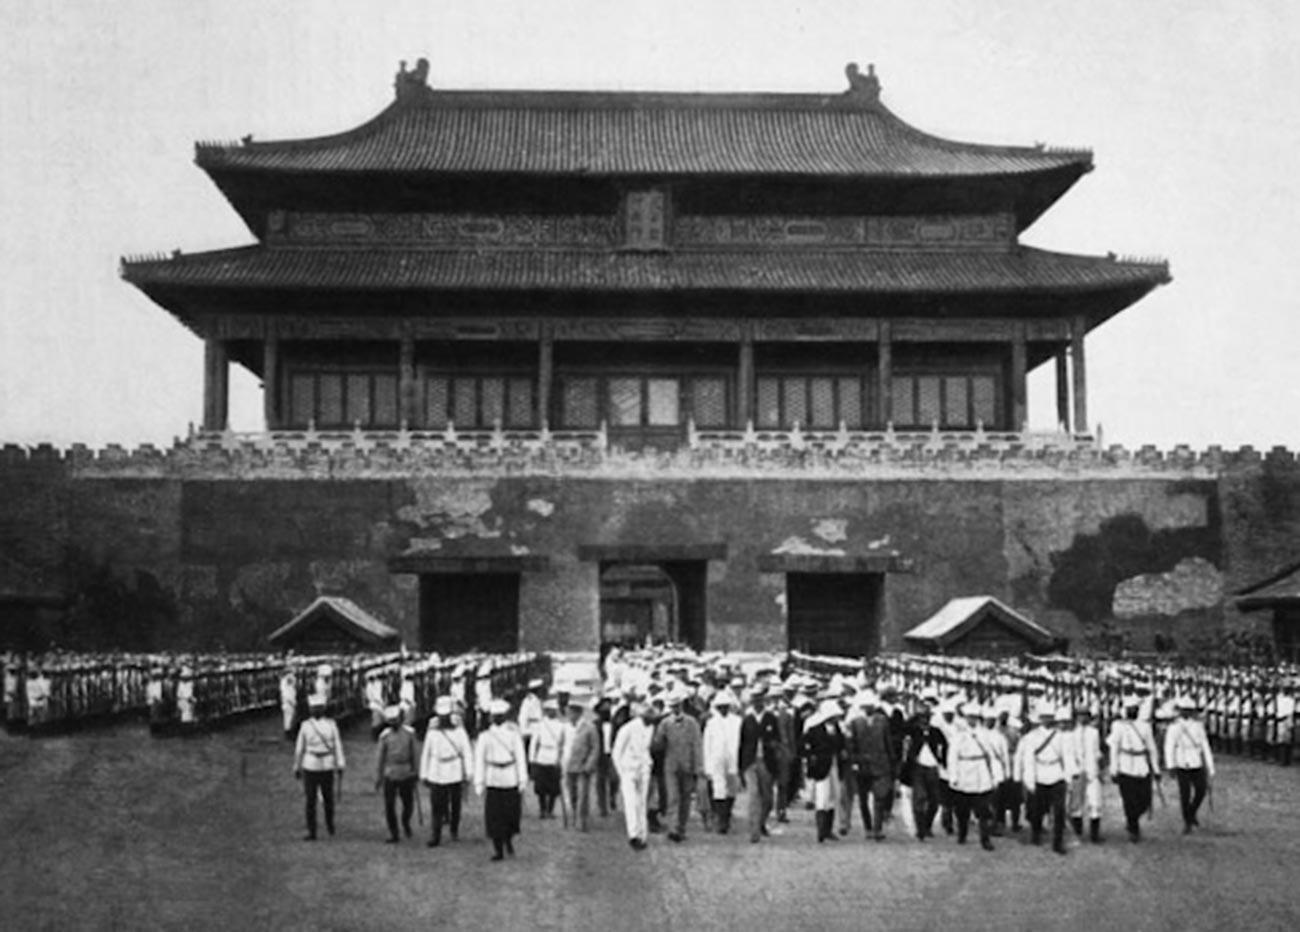 Troupes russes à Pékin